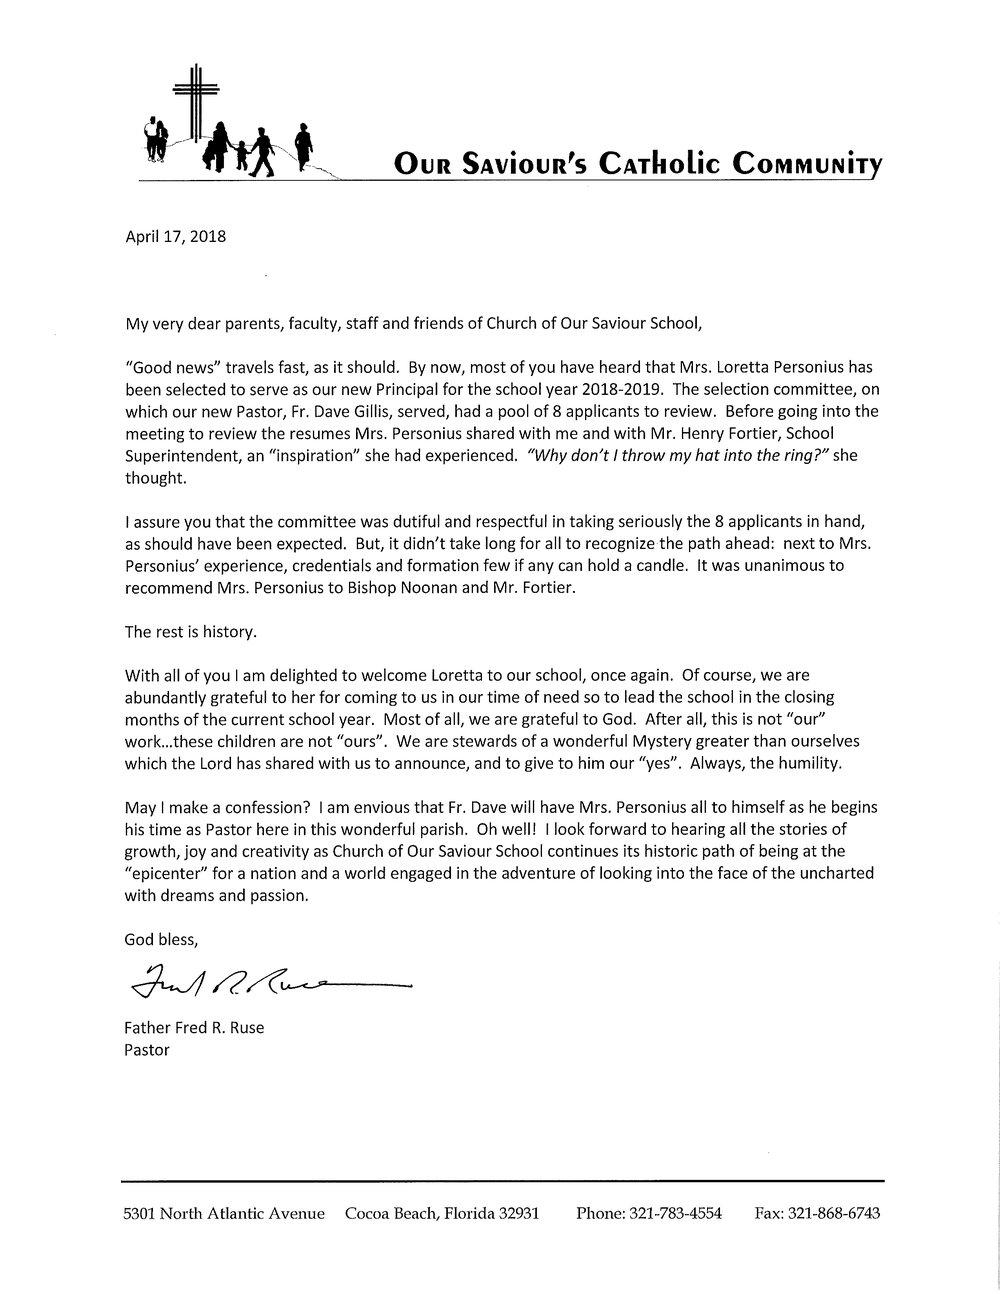 Fr Fred Letter Apr 17.jpg